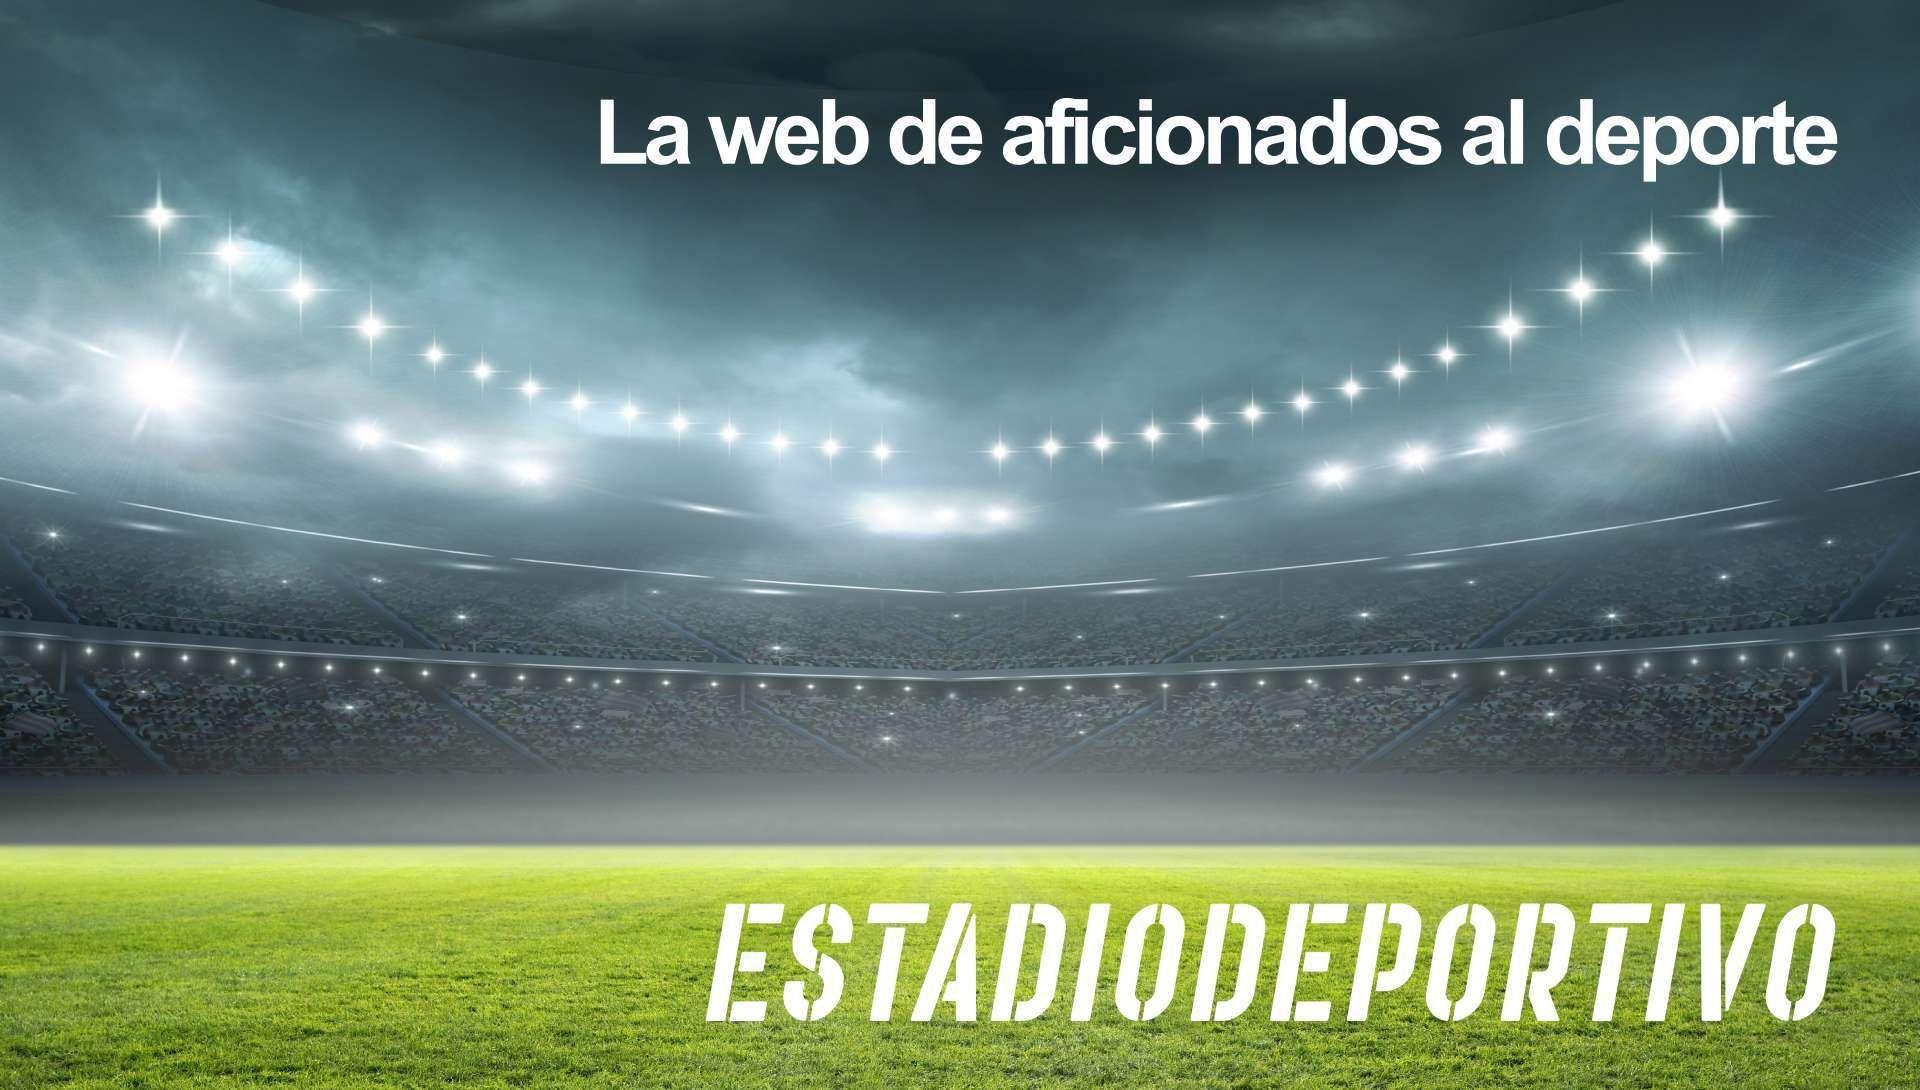 España conquistó la muralla china